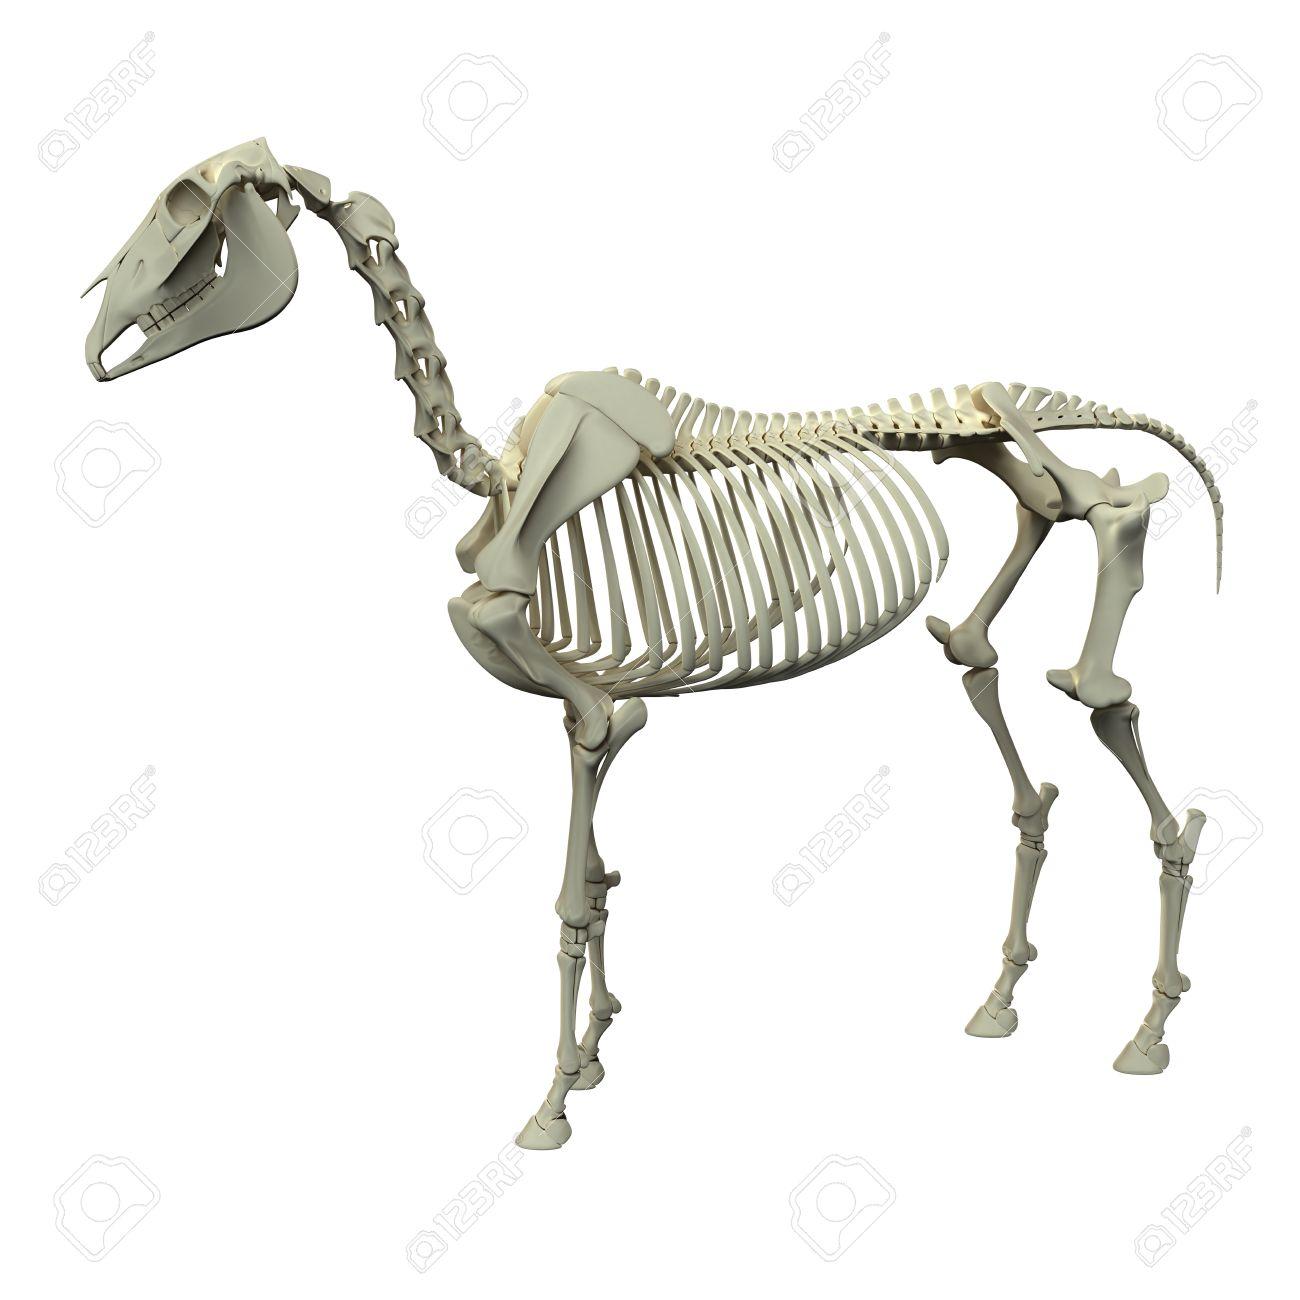 Caballo Esqueleto - Caballo Equus Anatomía - Vista Lateral Aislado ...